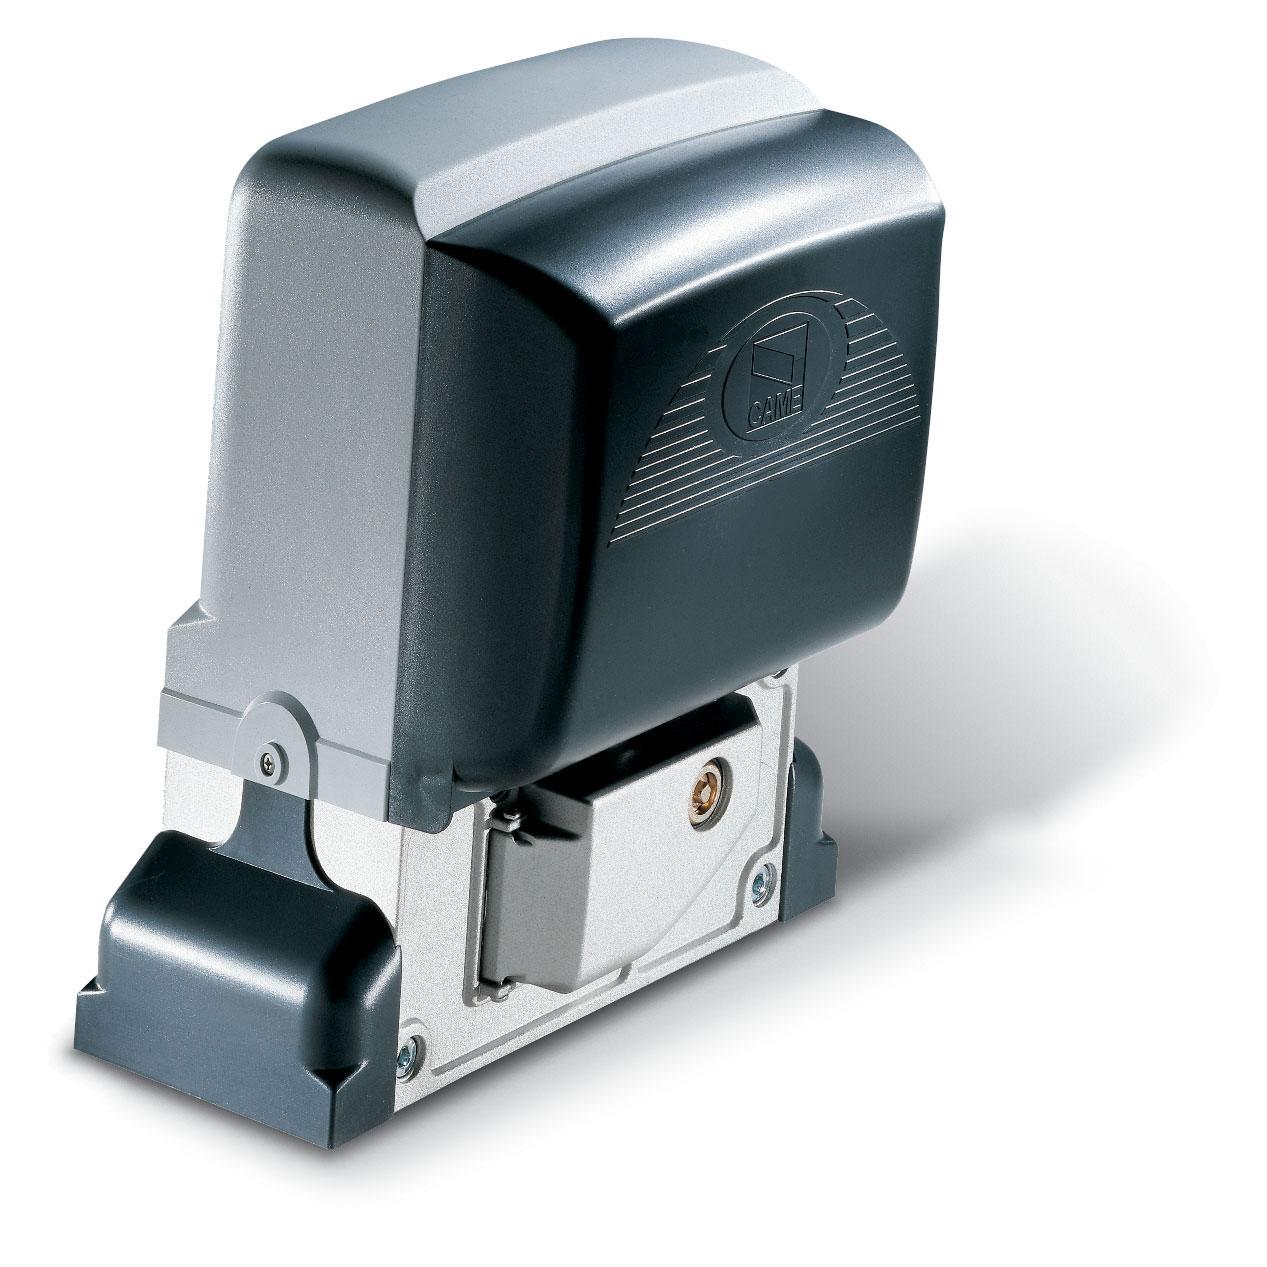 Автоматика для откатных ворот цена в djkujljycrt приспособления для автоматических ворот